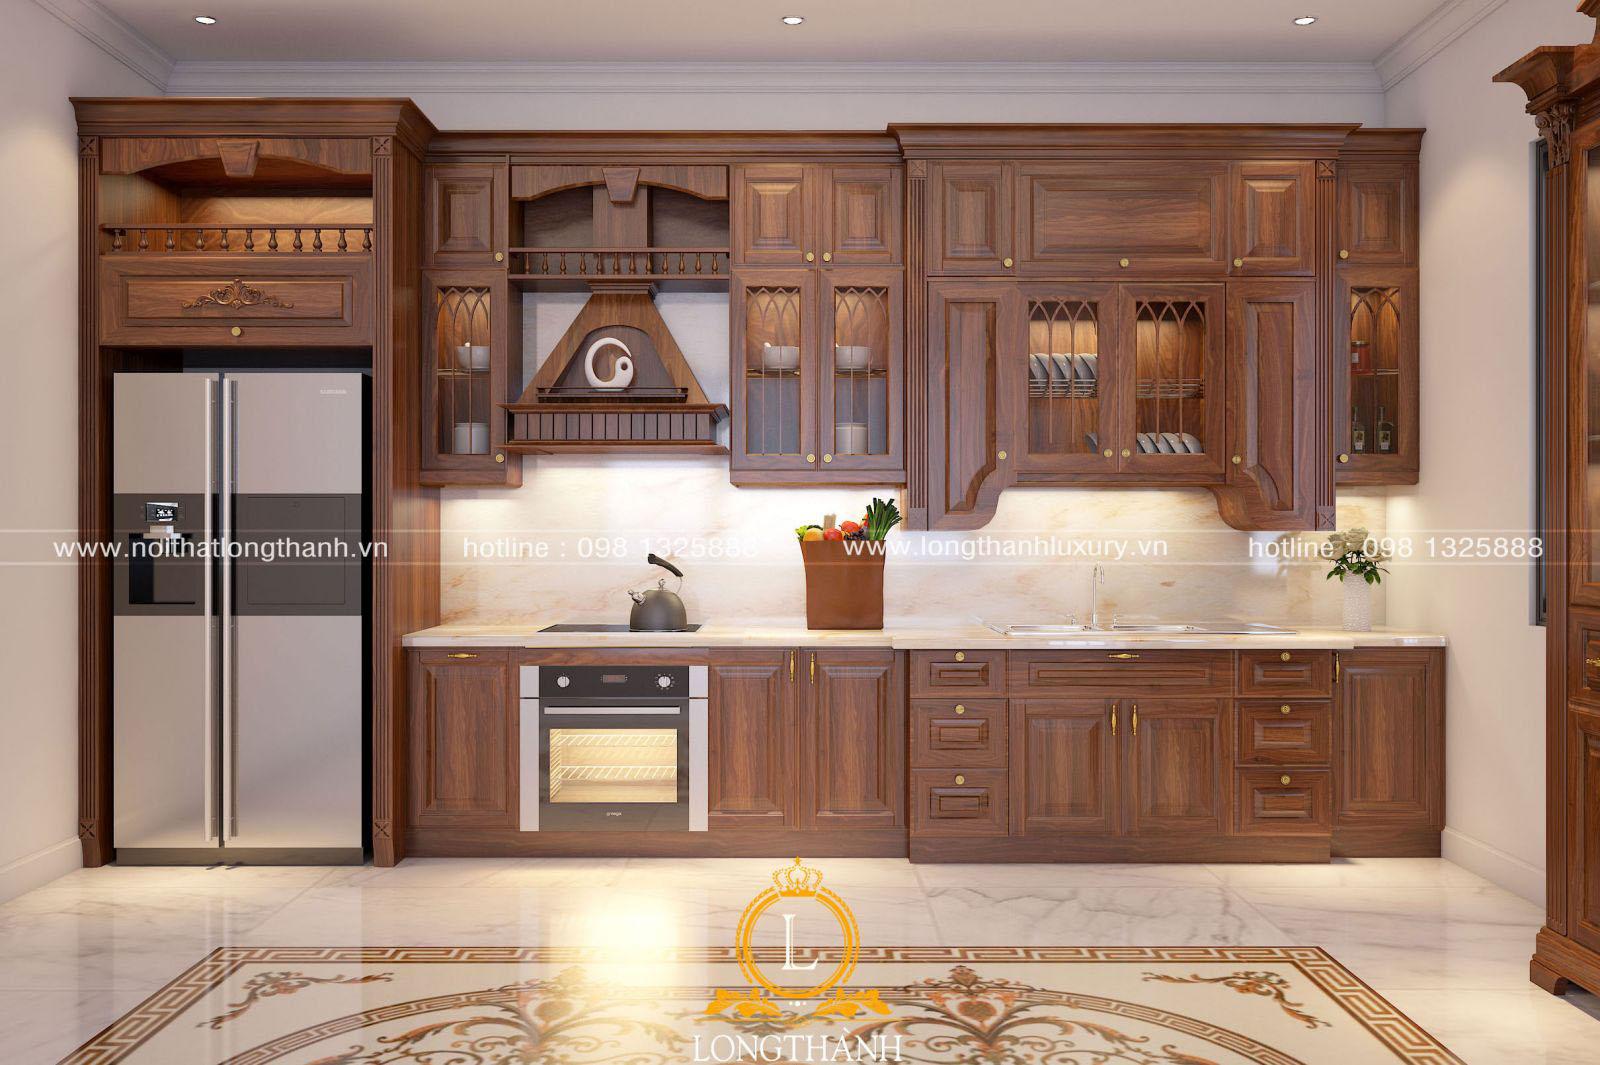 Mẫu tủ bếp gỗ tự nhiên đẹp LT 54 góc nhìn thứ 2